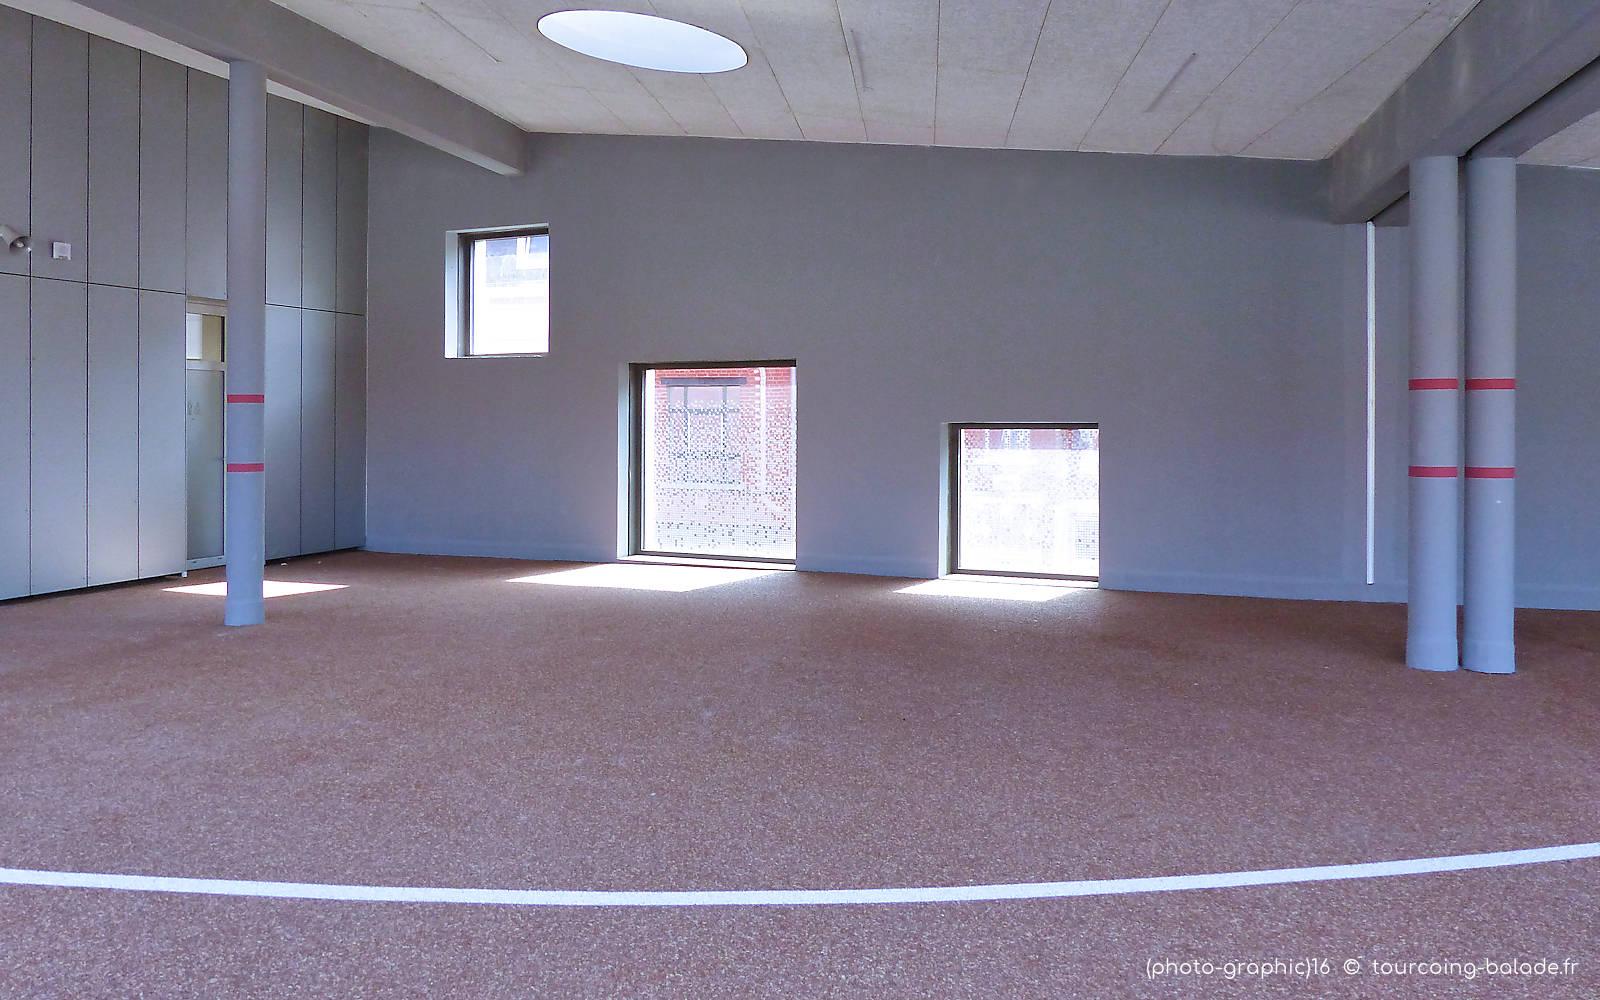 École Charles de Gaulle - Préau 1er étage